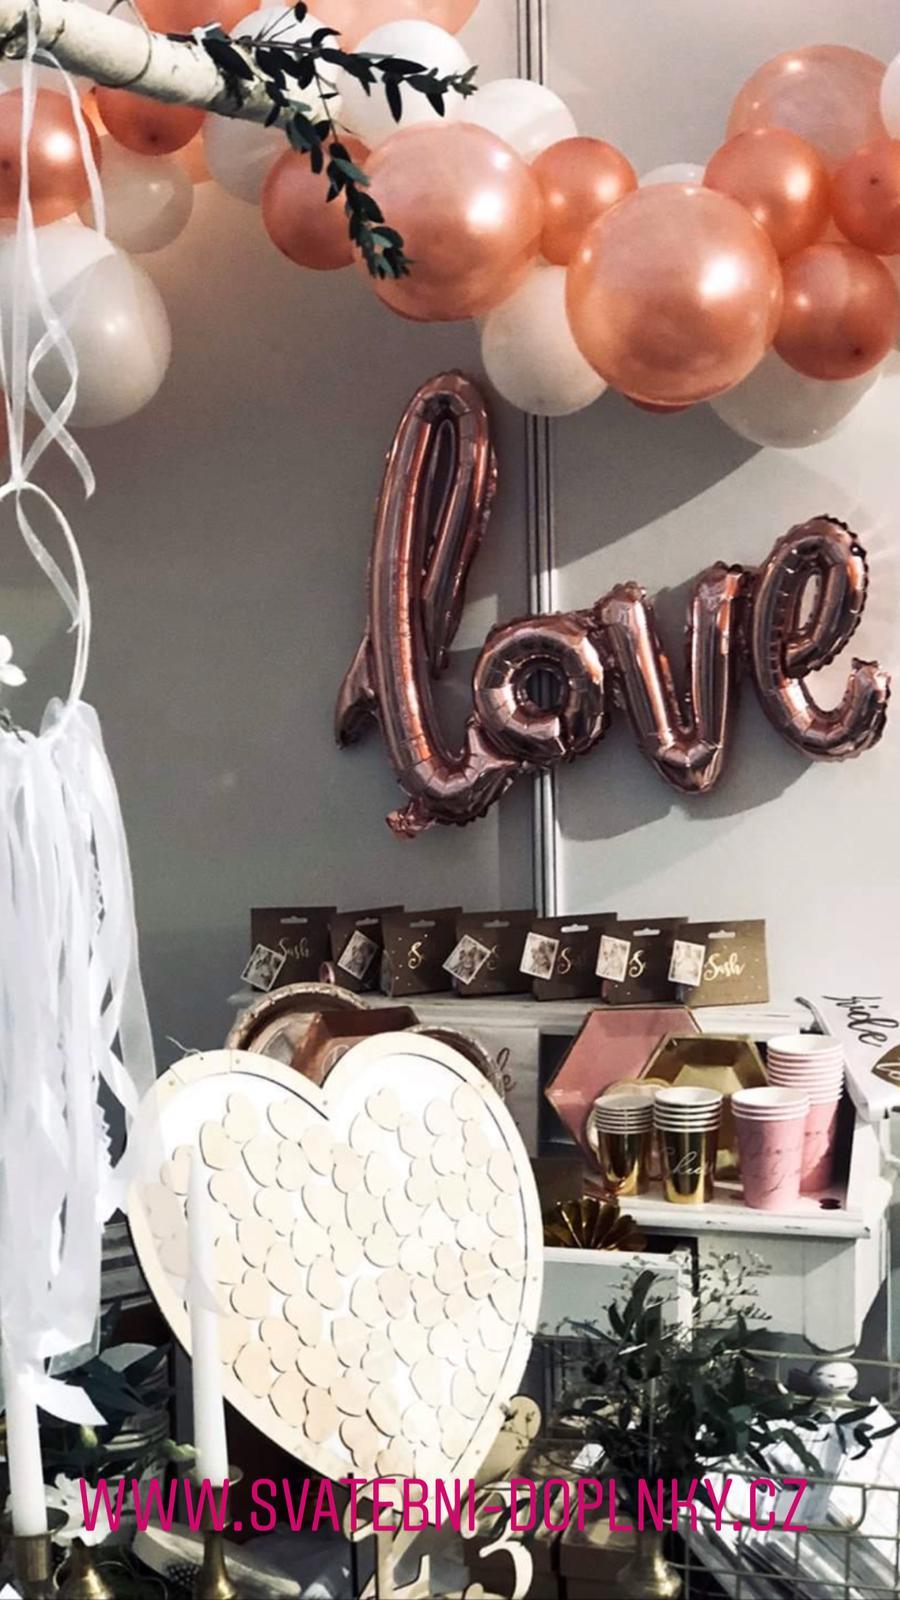 Svatební dekorace - DOPRAVNÉ ZDARMA! - Obrázek č. 86